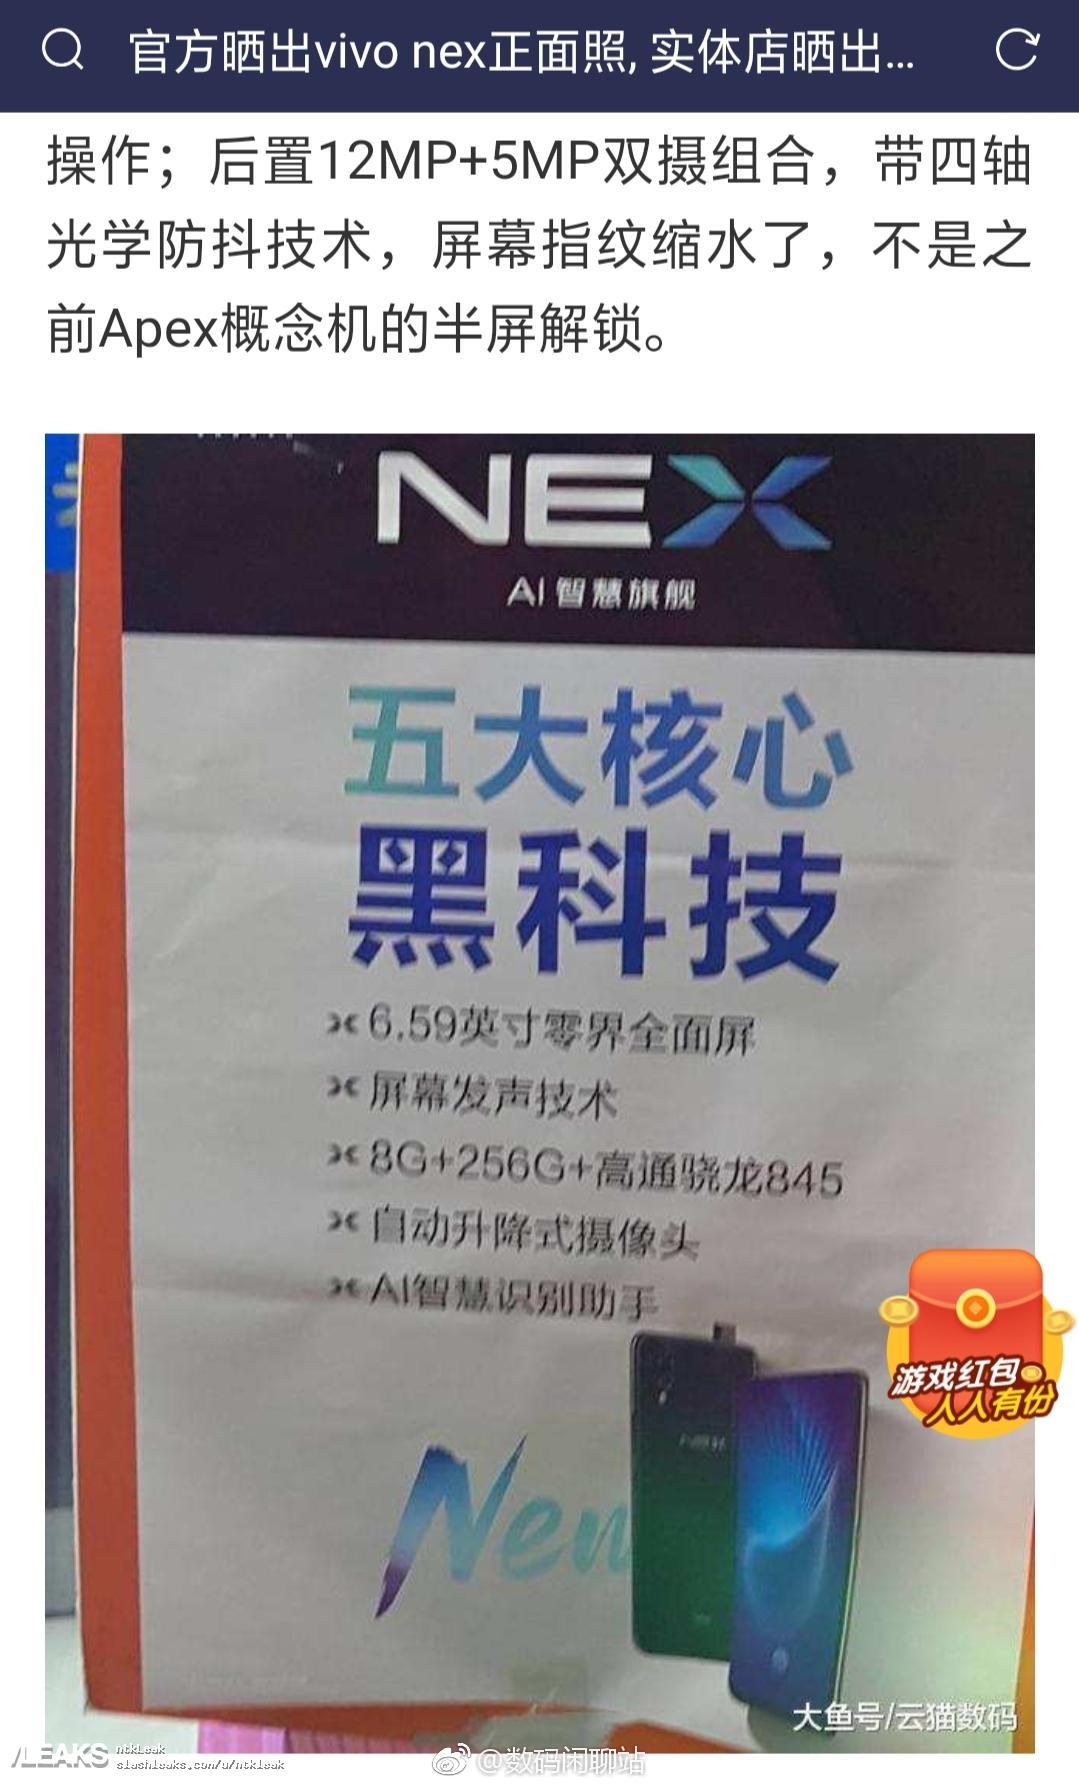 img Vivo Nex Spec leak again